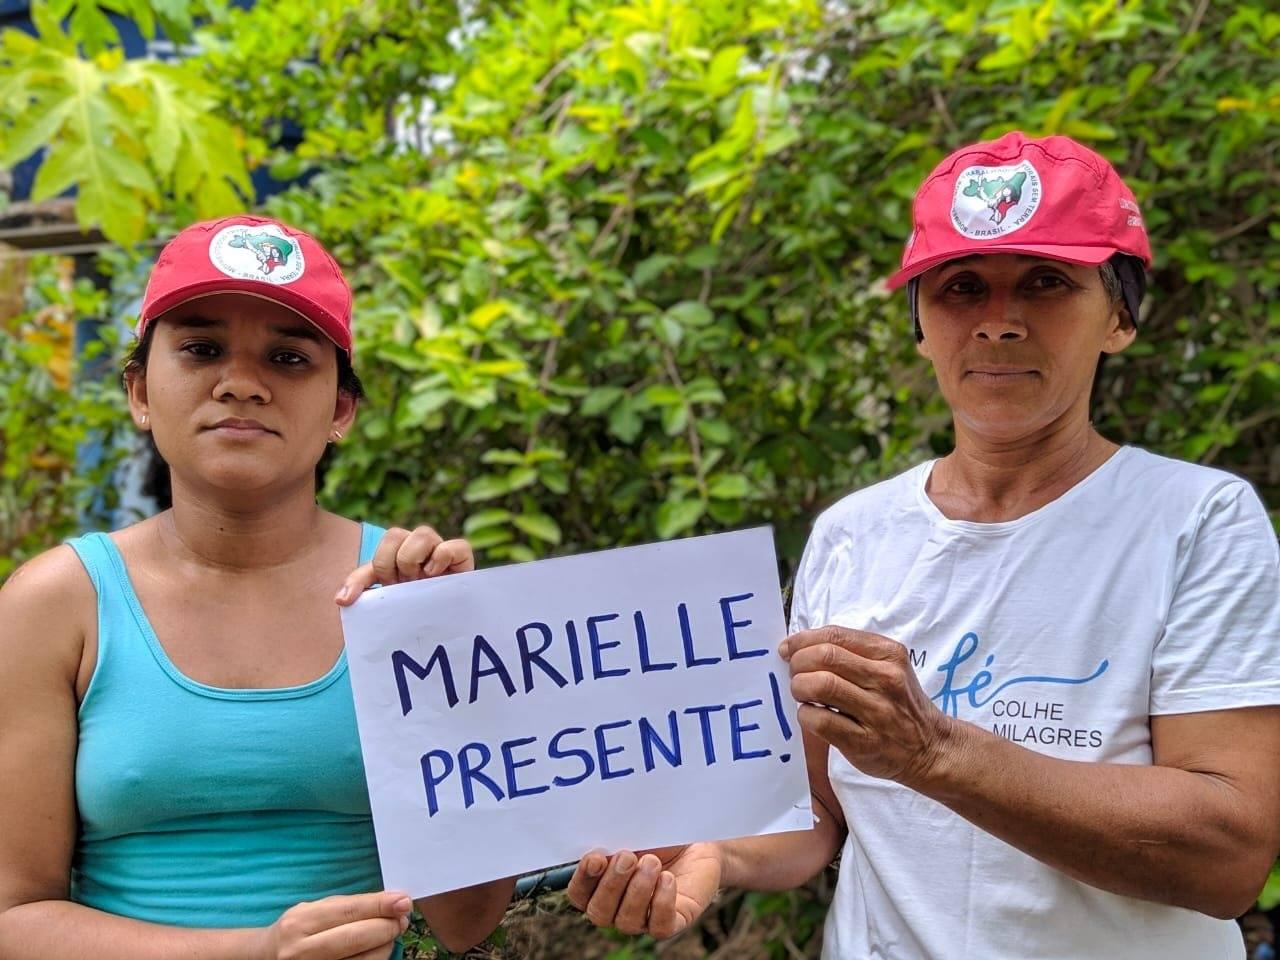 Atos contra impunidade do caso Marielle Franco encerram Jornada de Luta das Mulheres Sem Terra